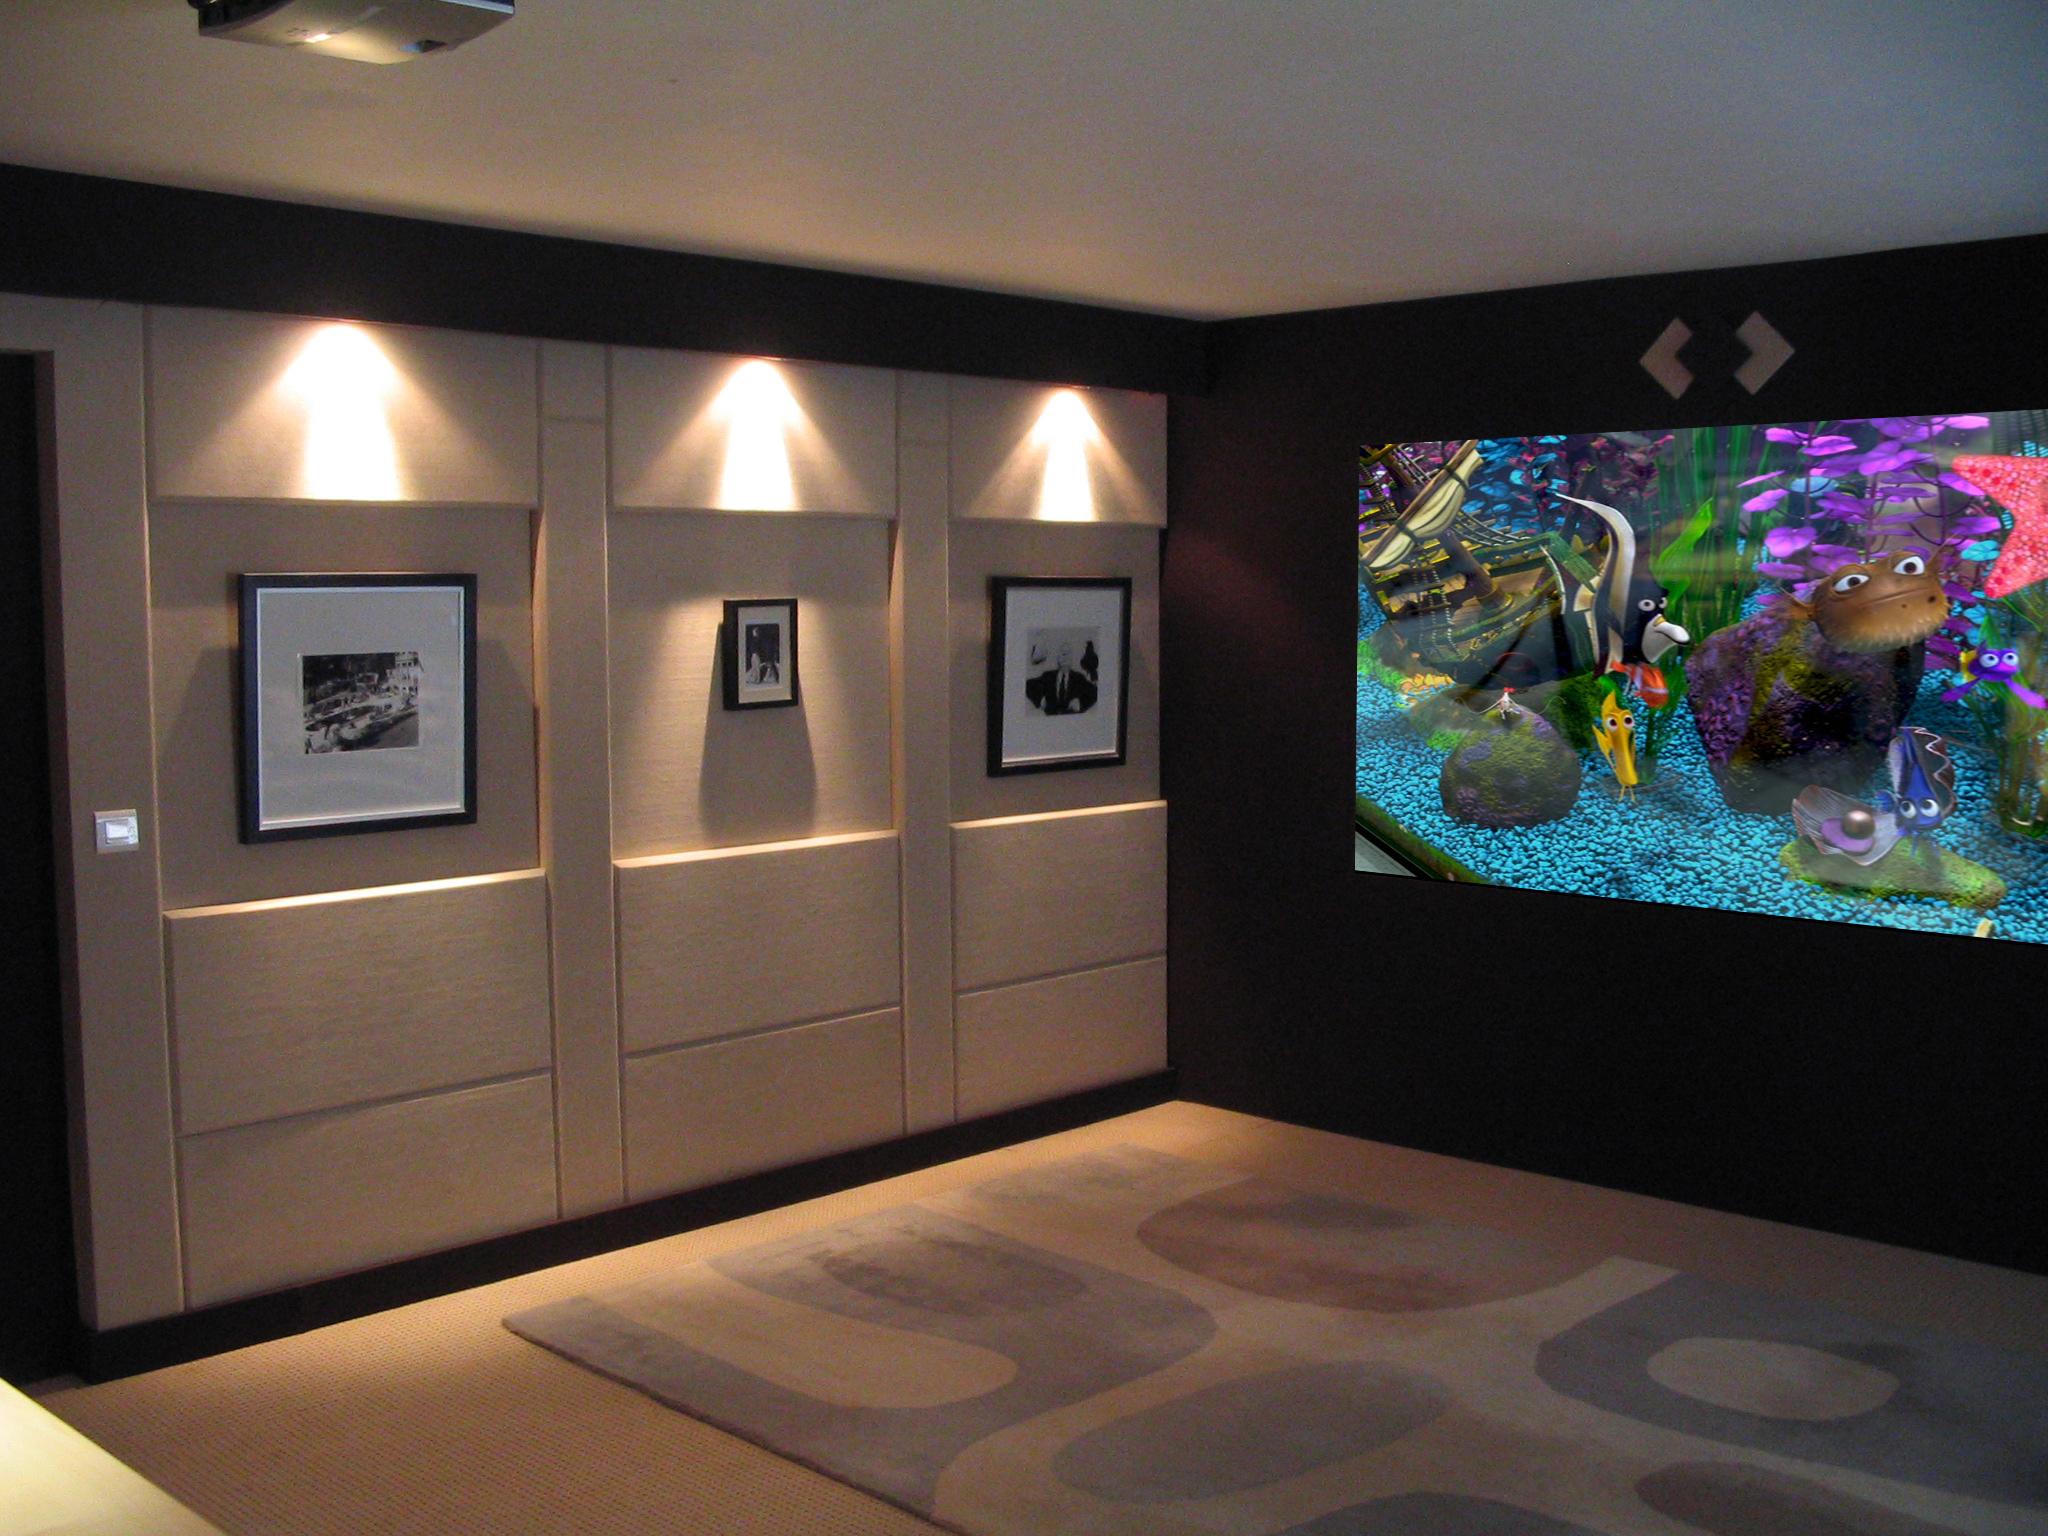 des installations home cinema. Black Bedroom Furniture Sets. Home Design Ideas